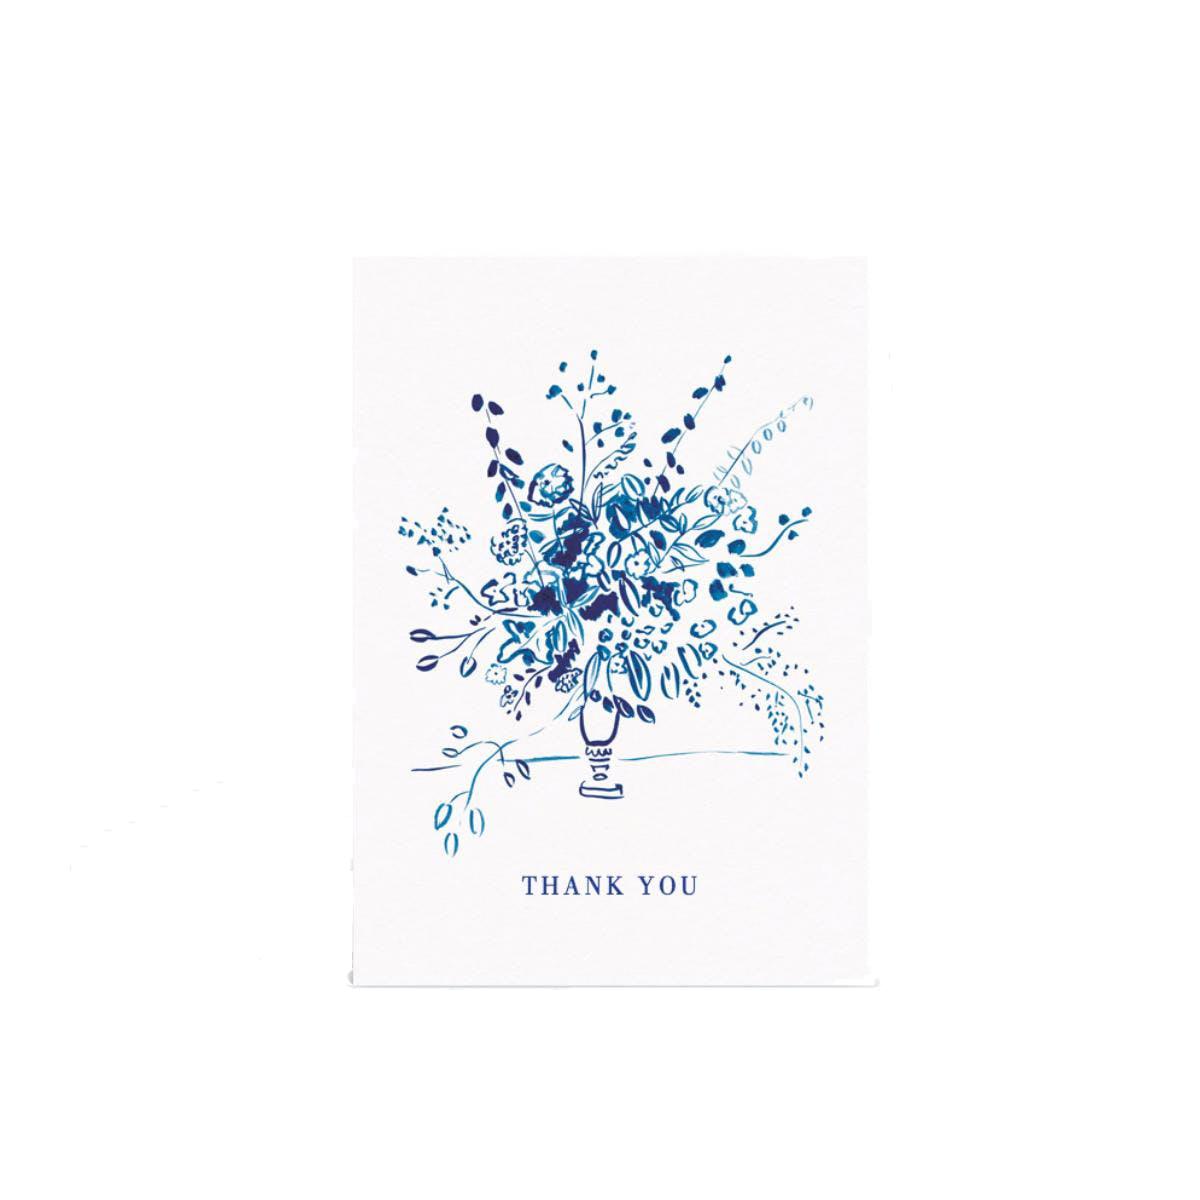 Papier Floral Arrangement Thank You Card